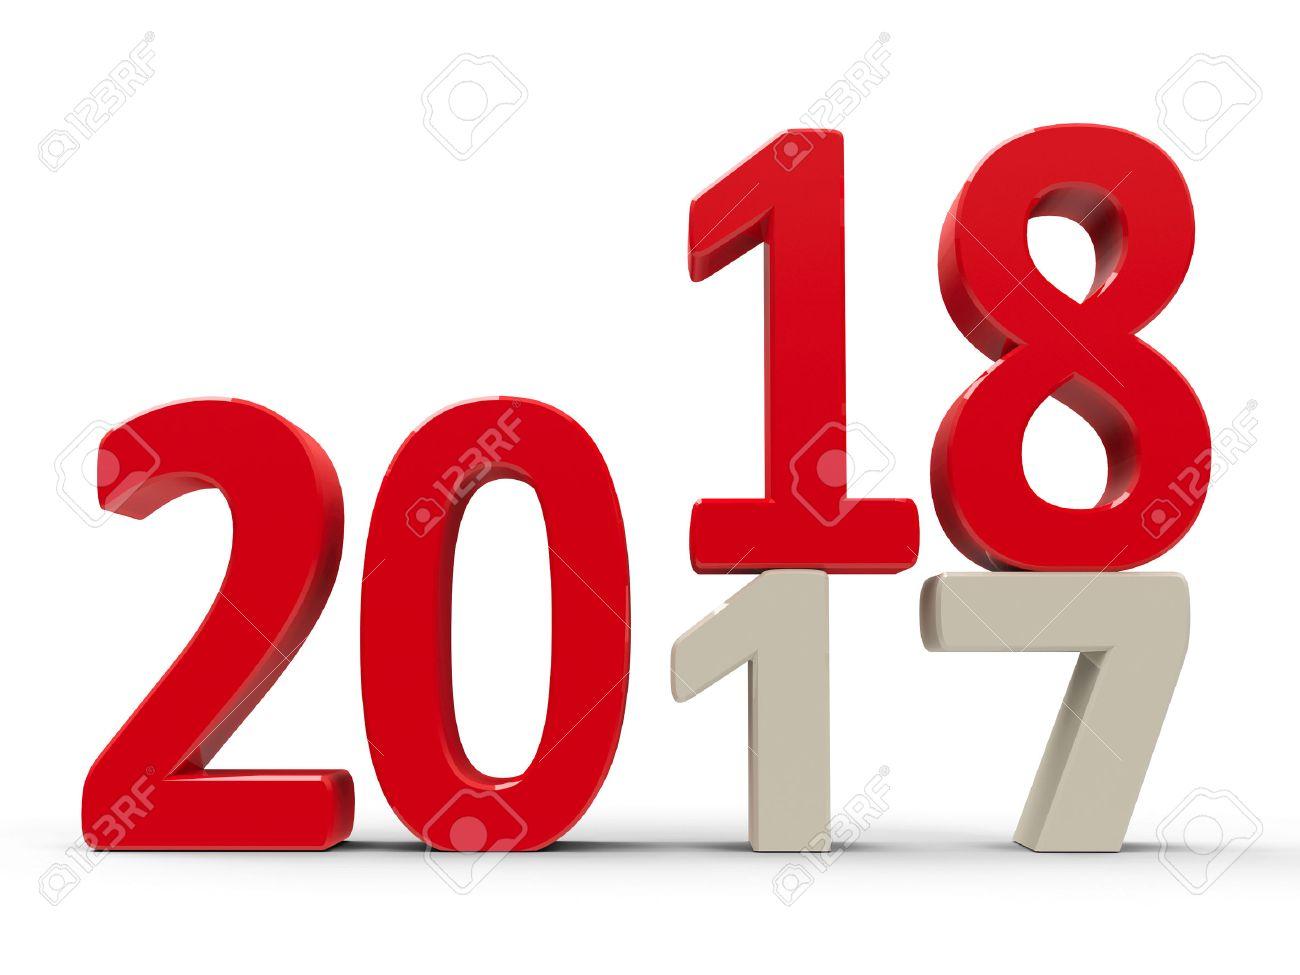 2017 2018 Veranderung Ist Das Neue Jahr Dreidimensionale Wiedergabe 3D Darstellung